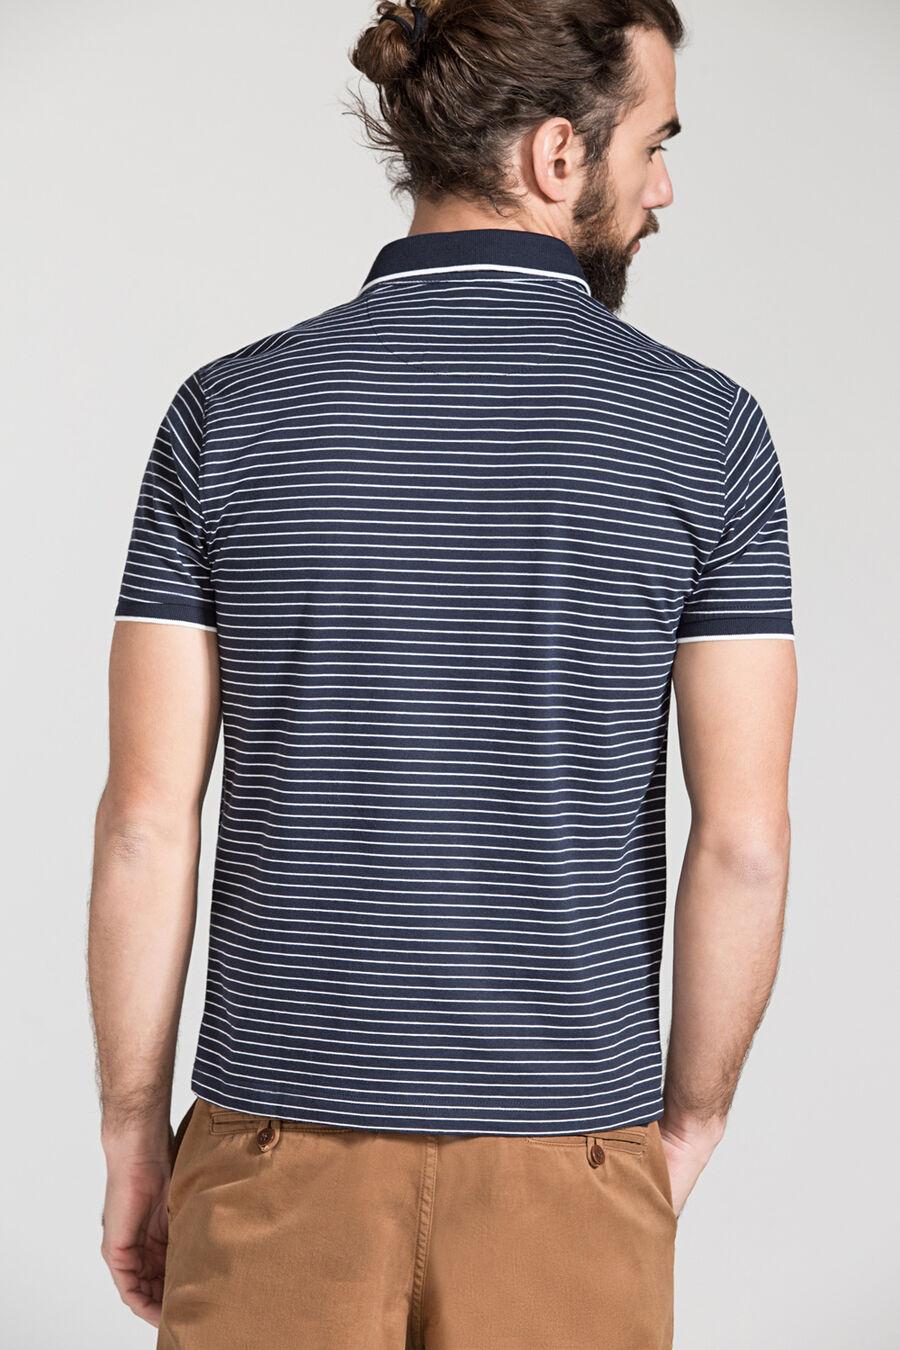 Striped sailor jumper